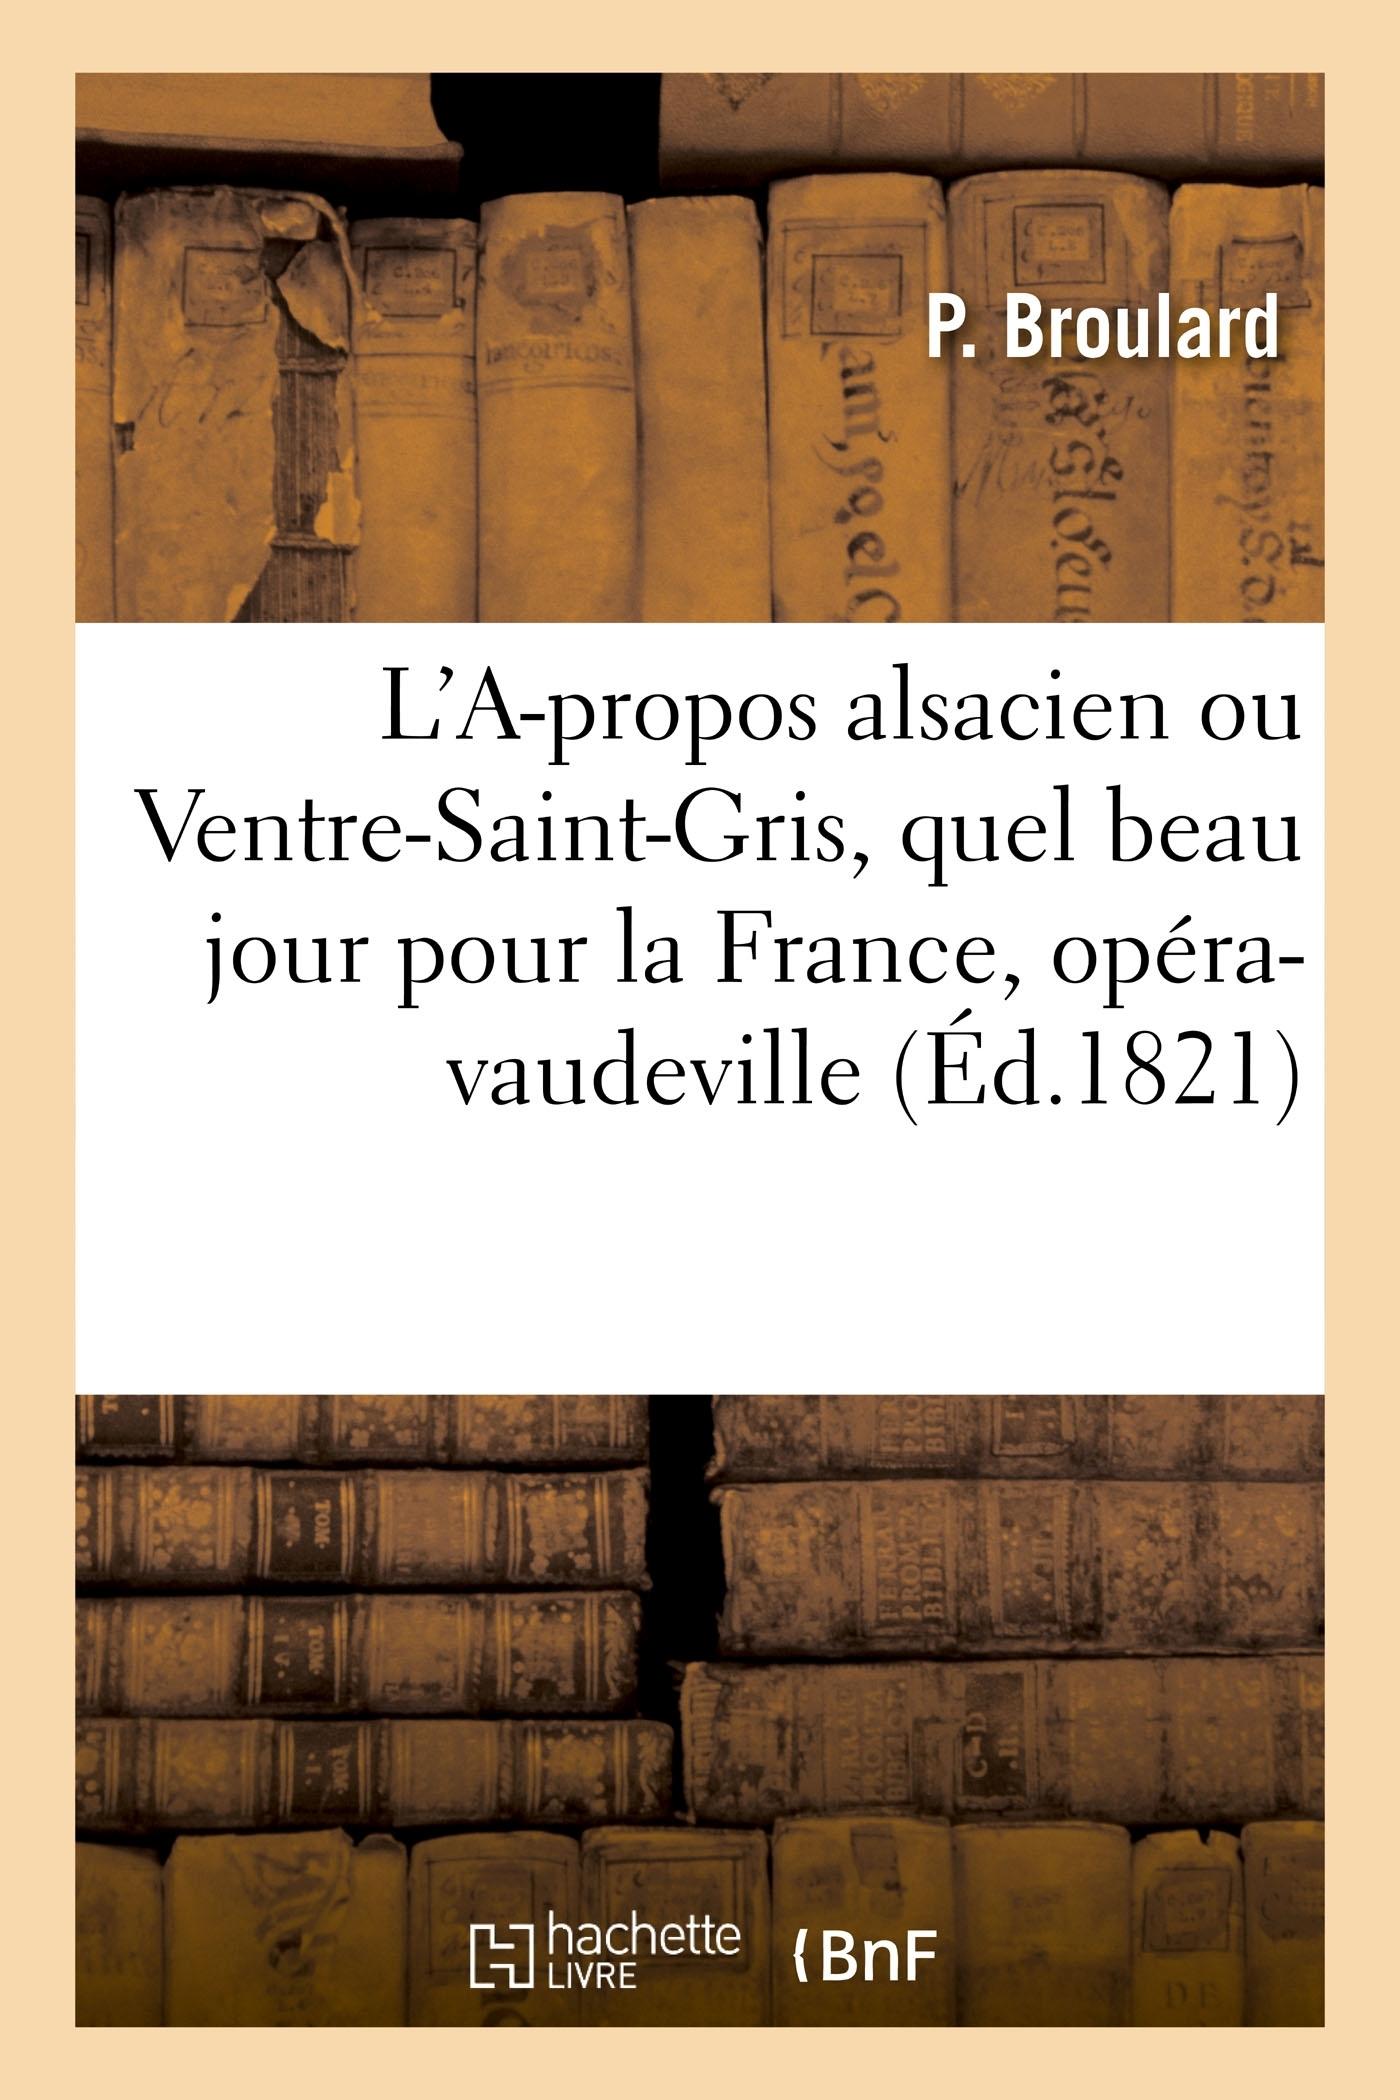 L'A-PROPOS ALSACIEN OU VENTRE-SAINT-GRIS, QUEL BEAU JOUR POUR LA FRANCE, OPERA-VAUDEVILLE EN 1 ACTE